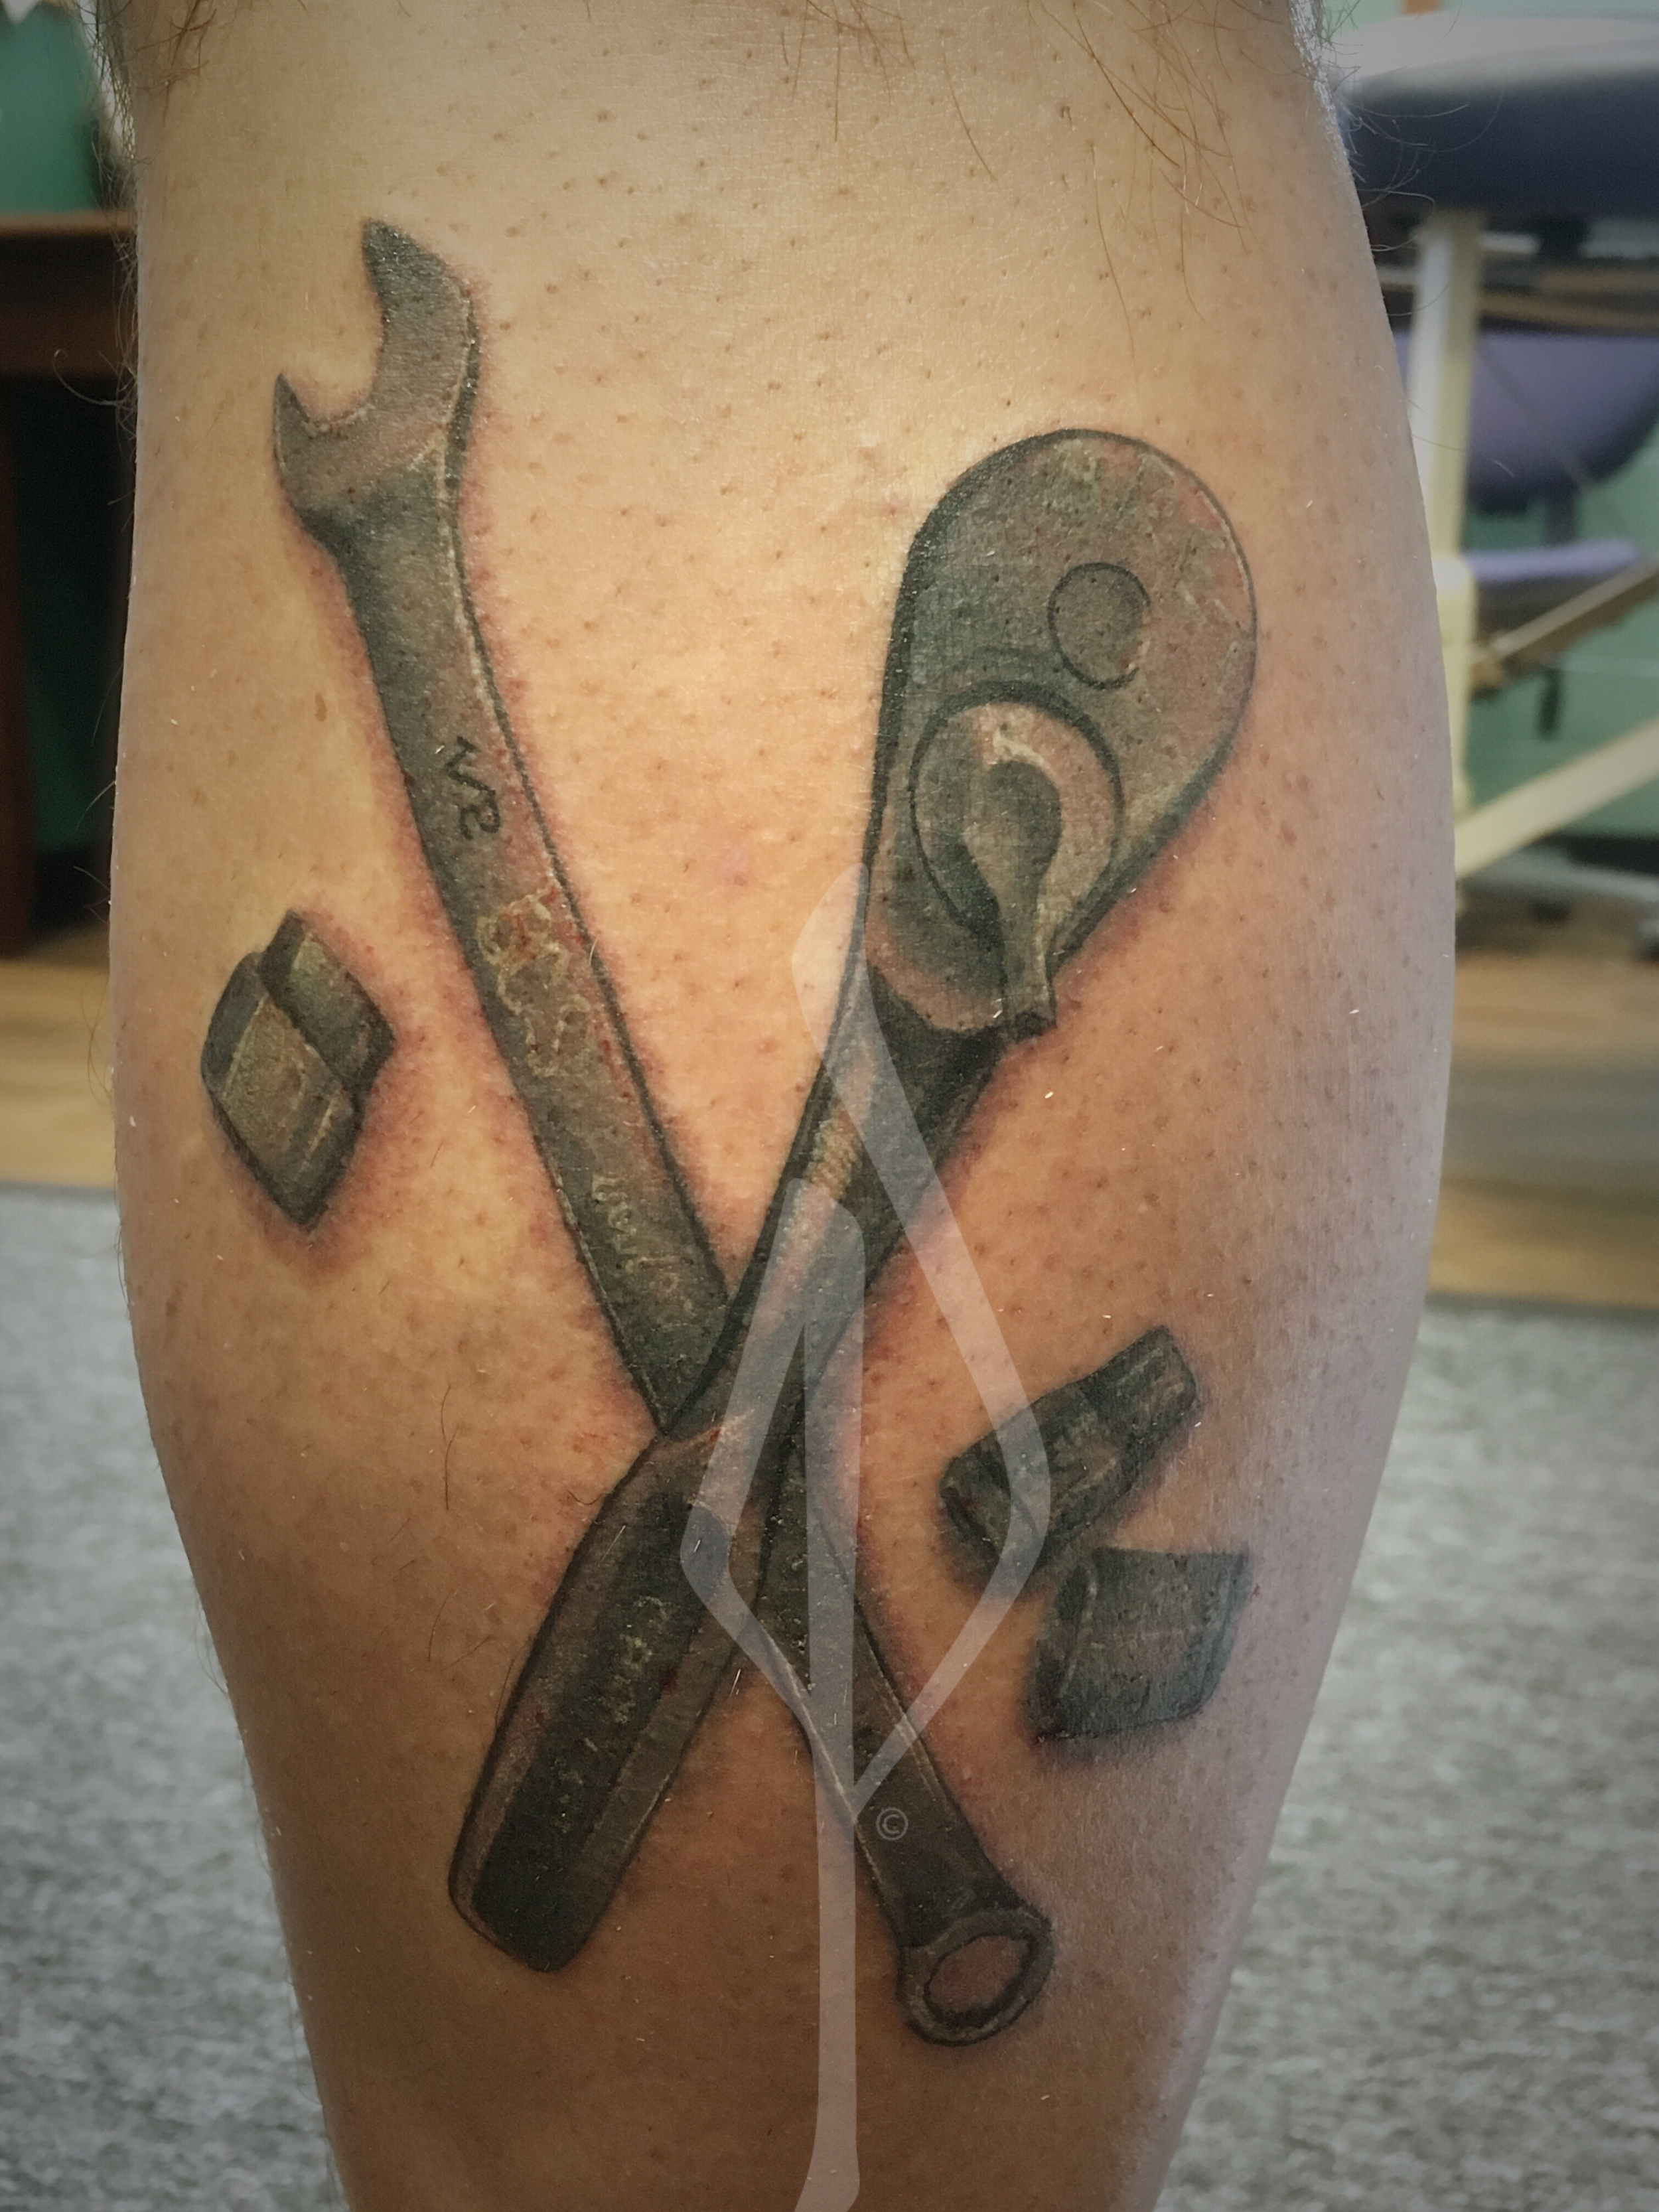 Tools and sockets Tattoo by Jon Poulson - Aloha Salt Lake Tattoos